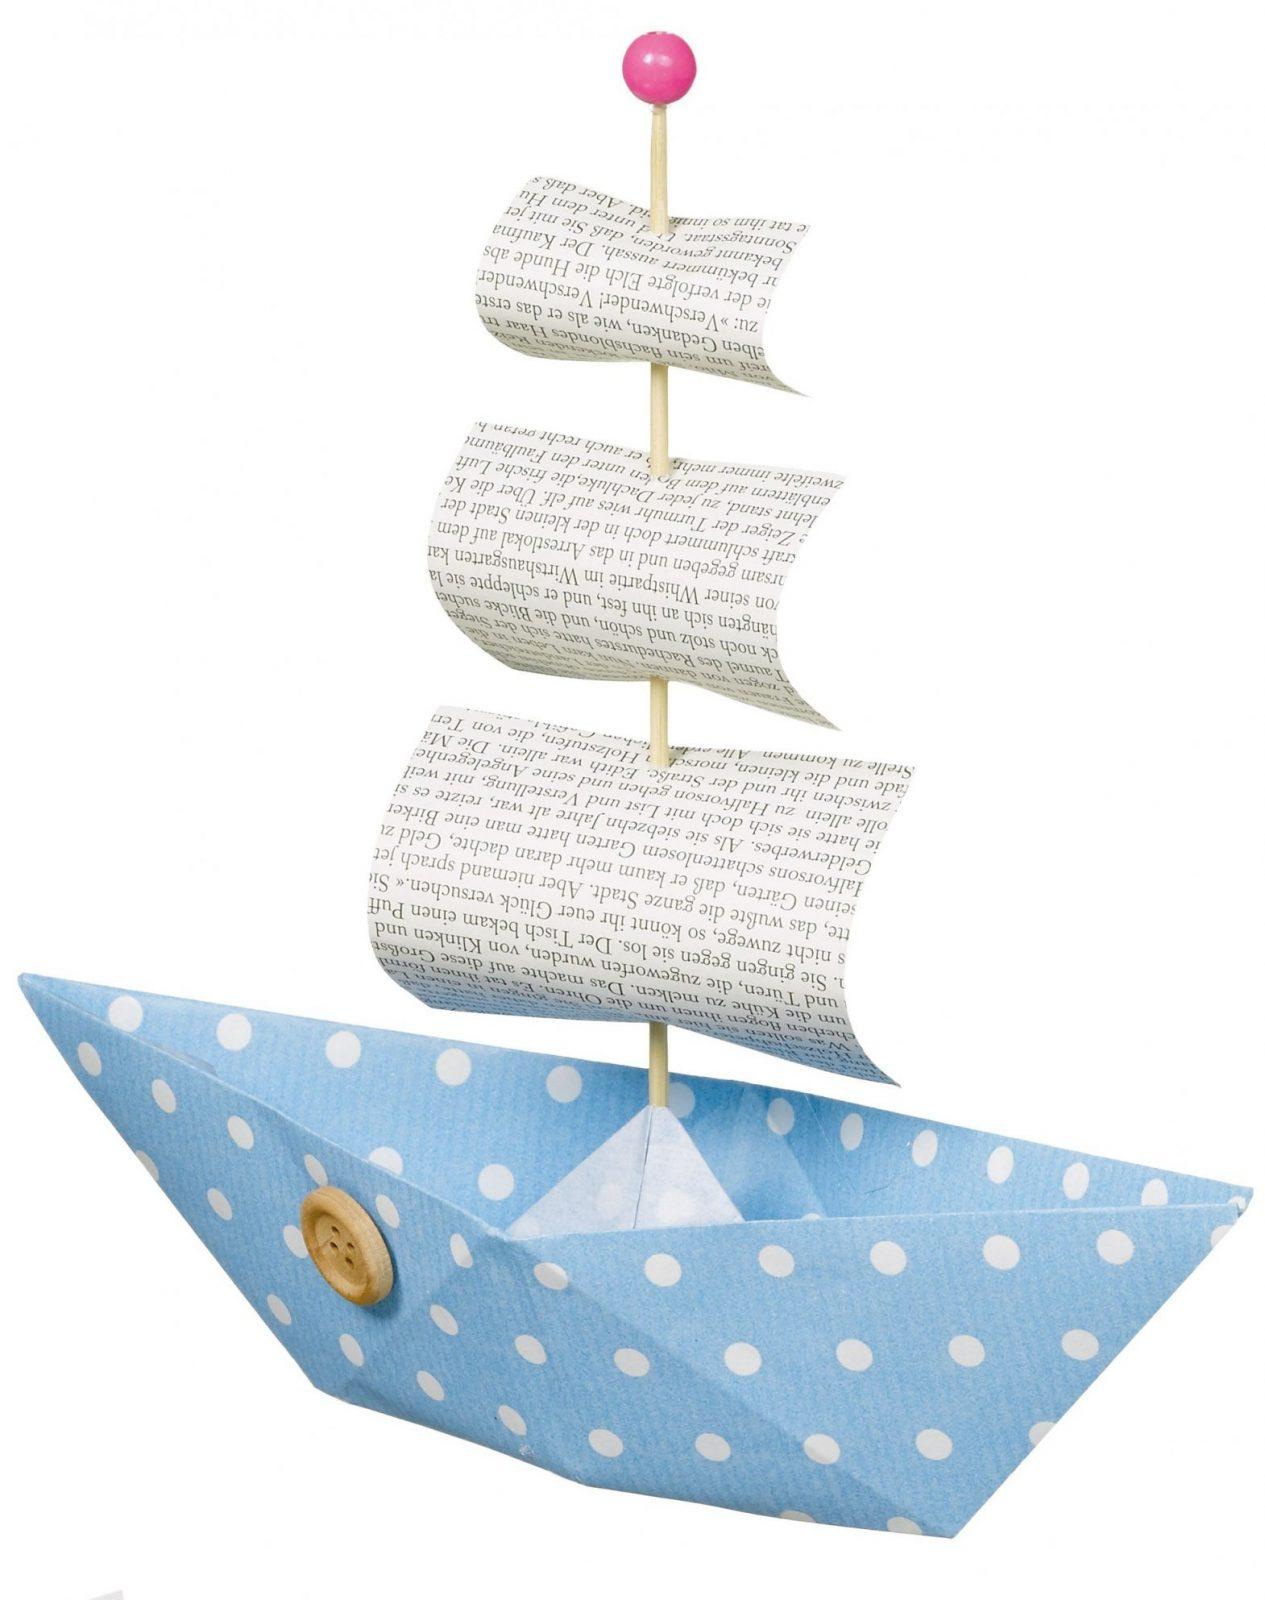 Papierboote Basteln Für Kindergeburtstag  Diyanleitung Via von Boote Basteln Mit Kindern Photo